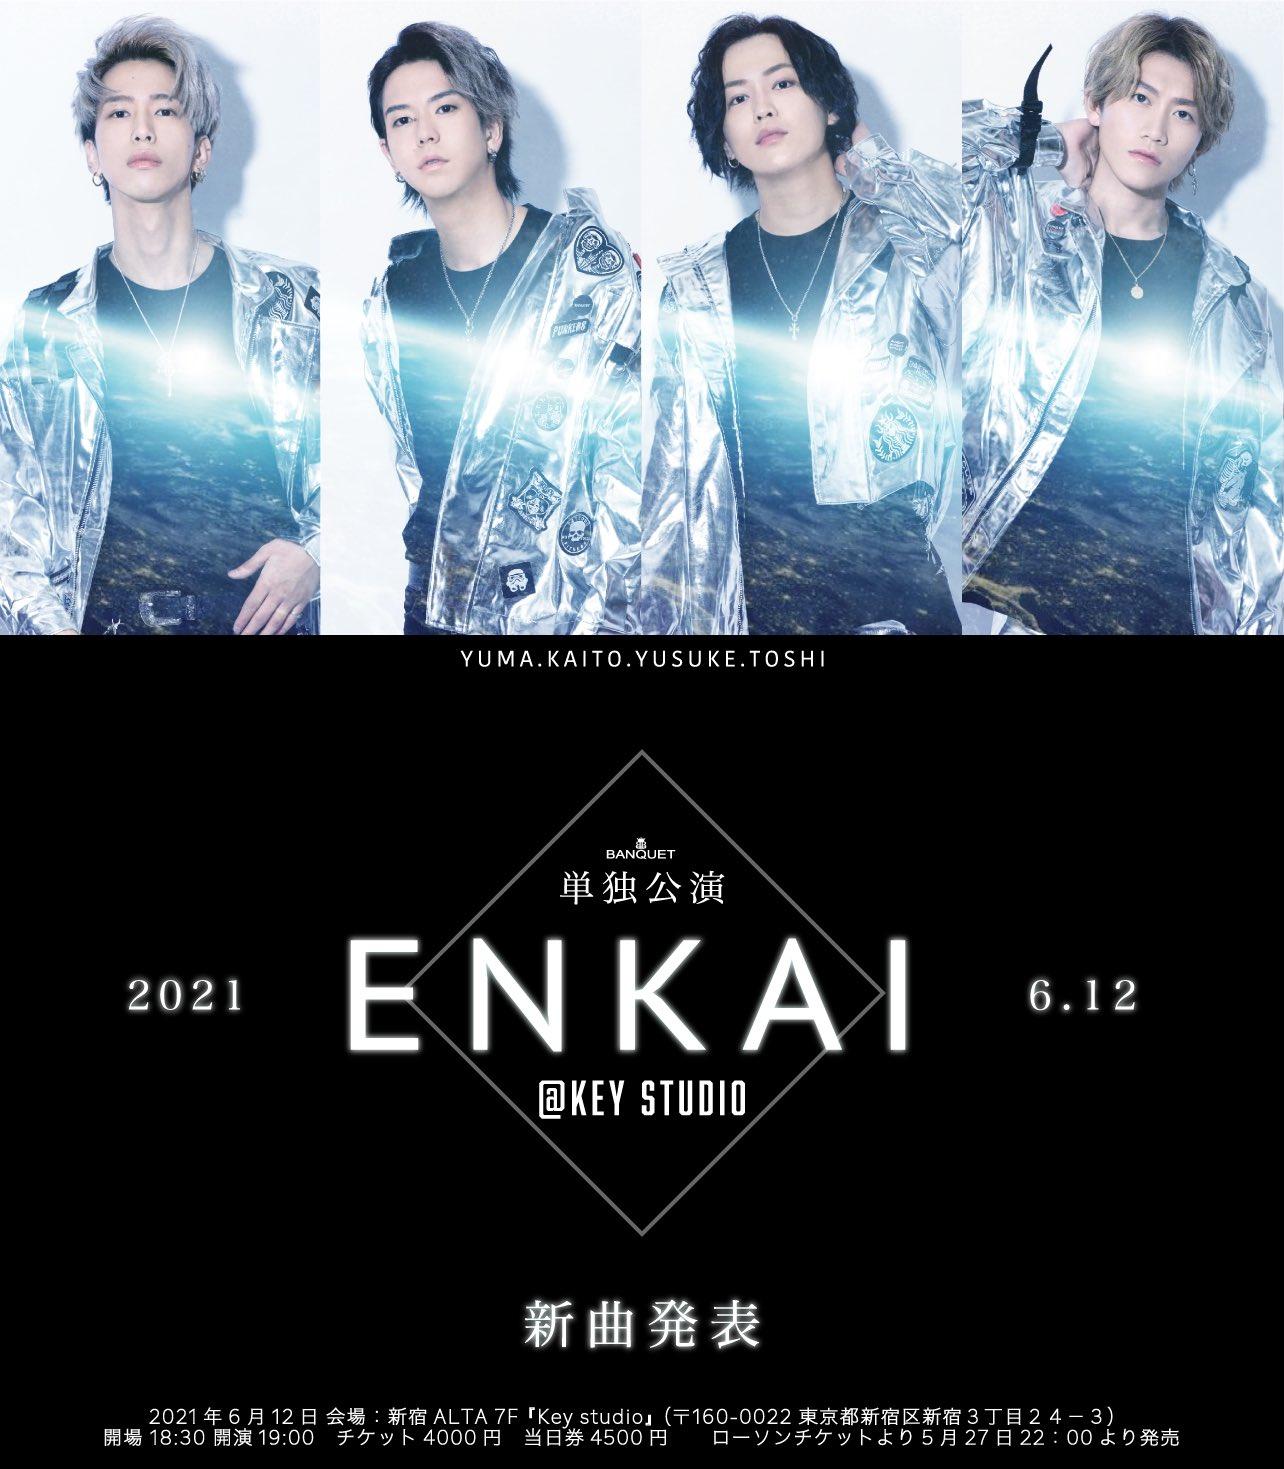 単独公演 ENKAI@Key studio